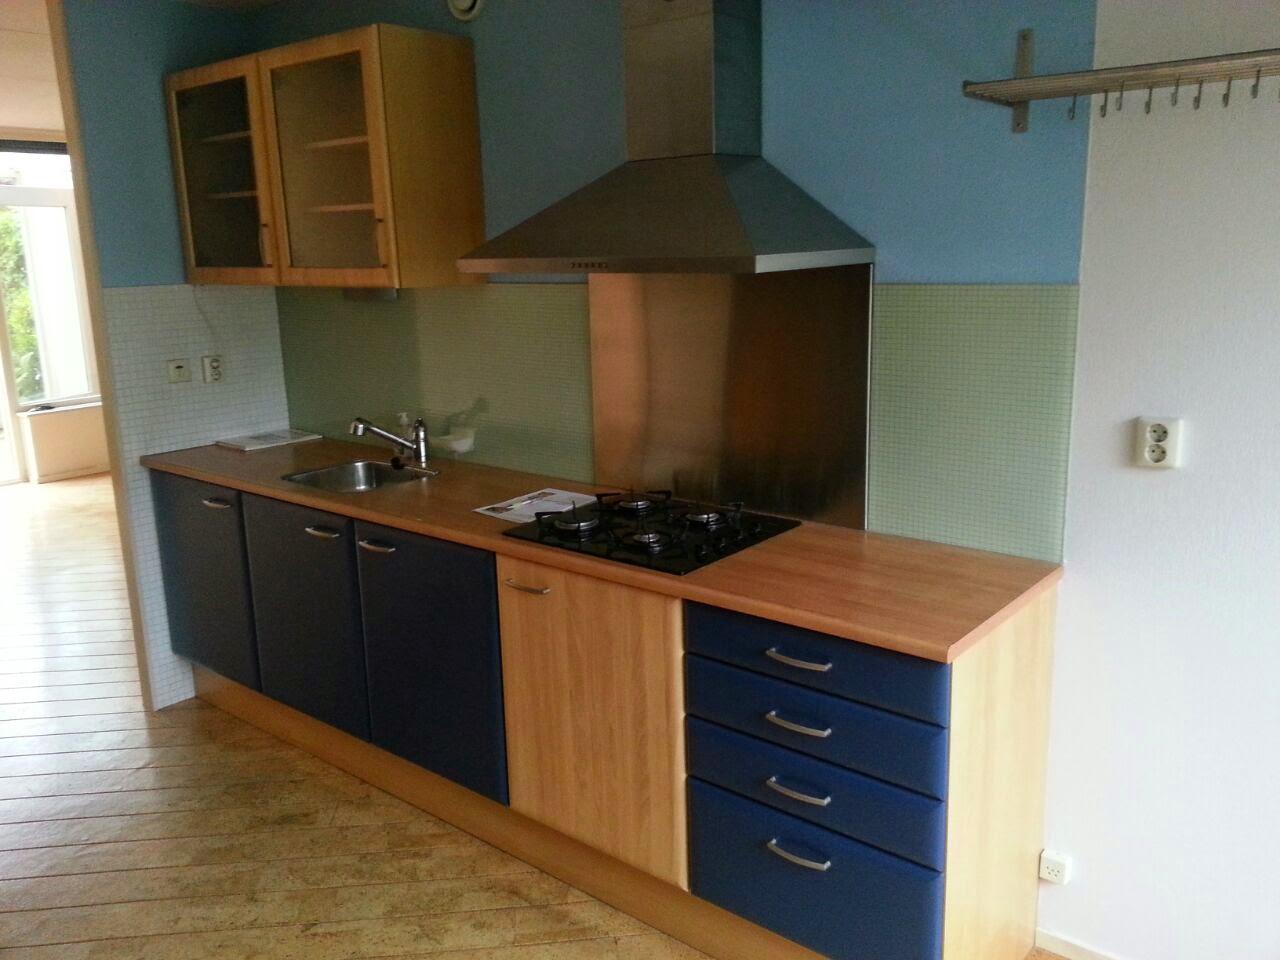 Keuken blauw beuken naar mat wit inclusief metallic grijs aanrechtblad - Keuken blauw en wit ...